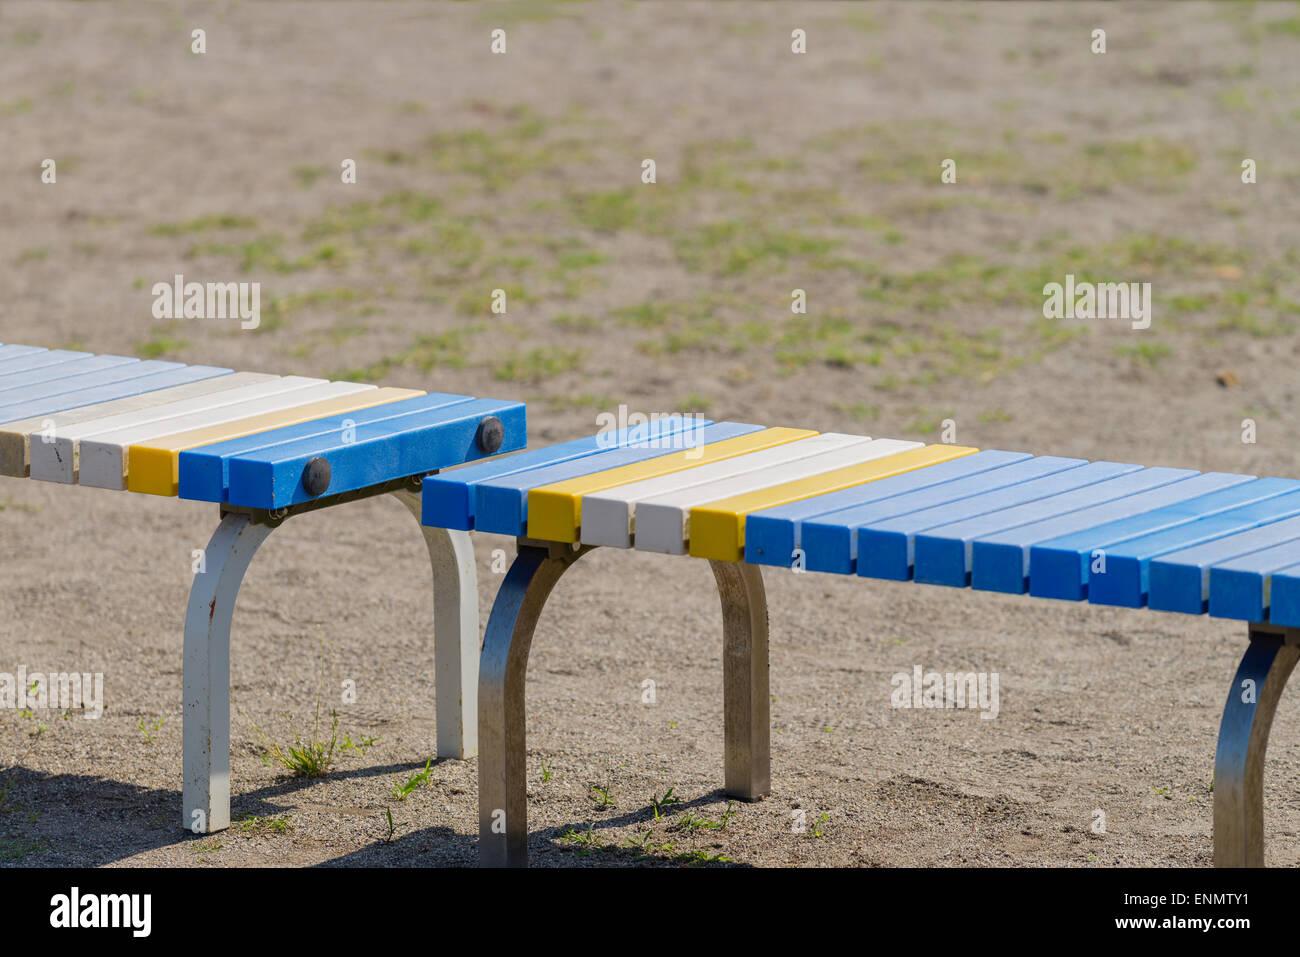 Azul, amarillo y blanco en el lado de la banqueta del campo de deportes. Imagen De Stock